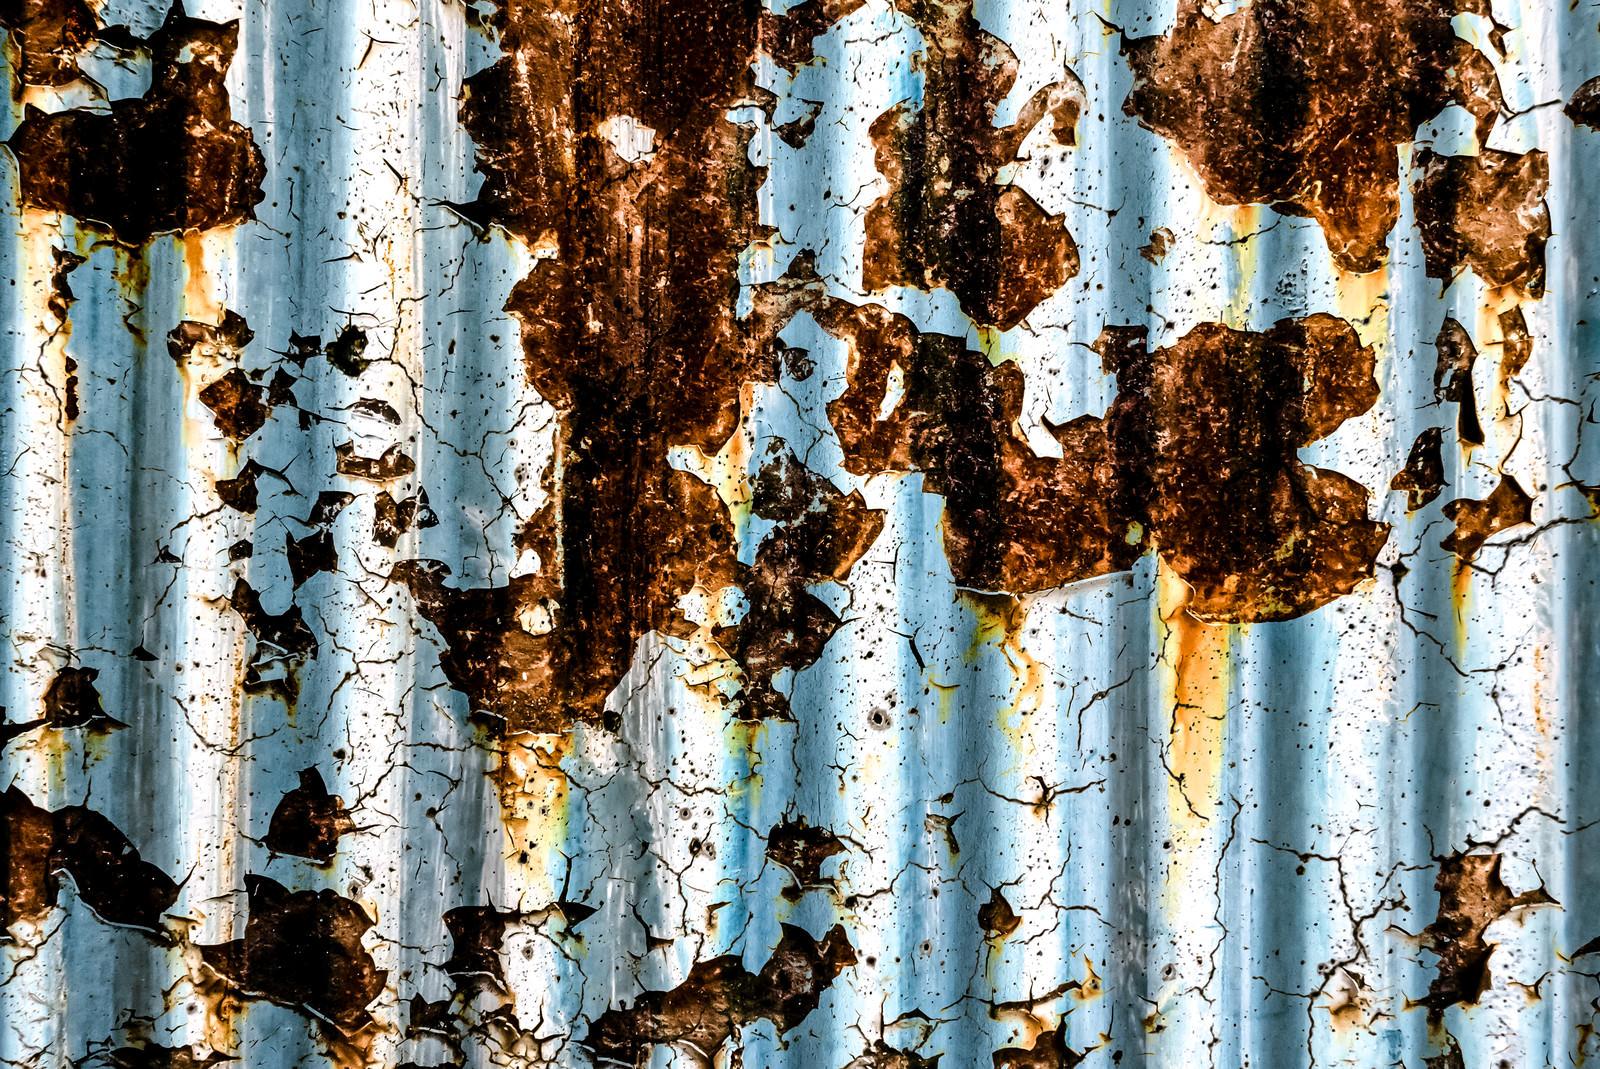 「錆びて劣化したトタンのテクスチャ」の写真